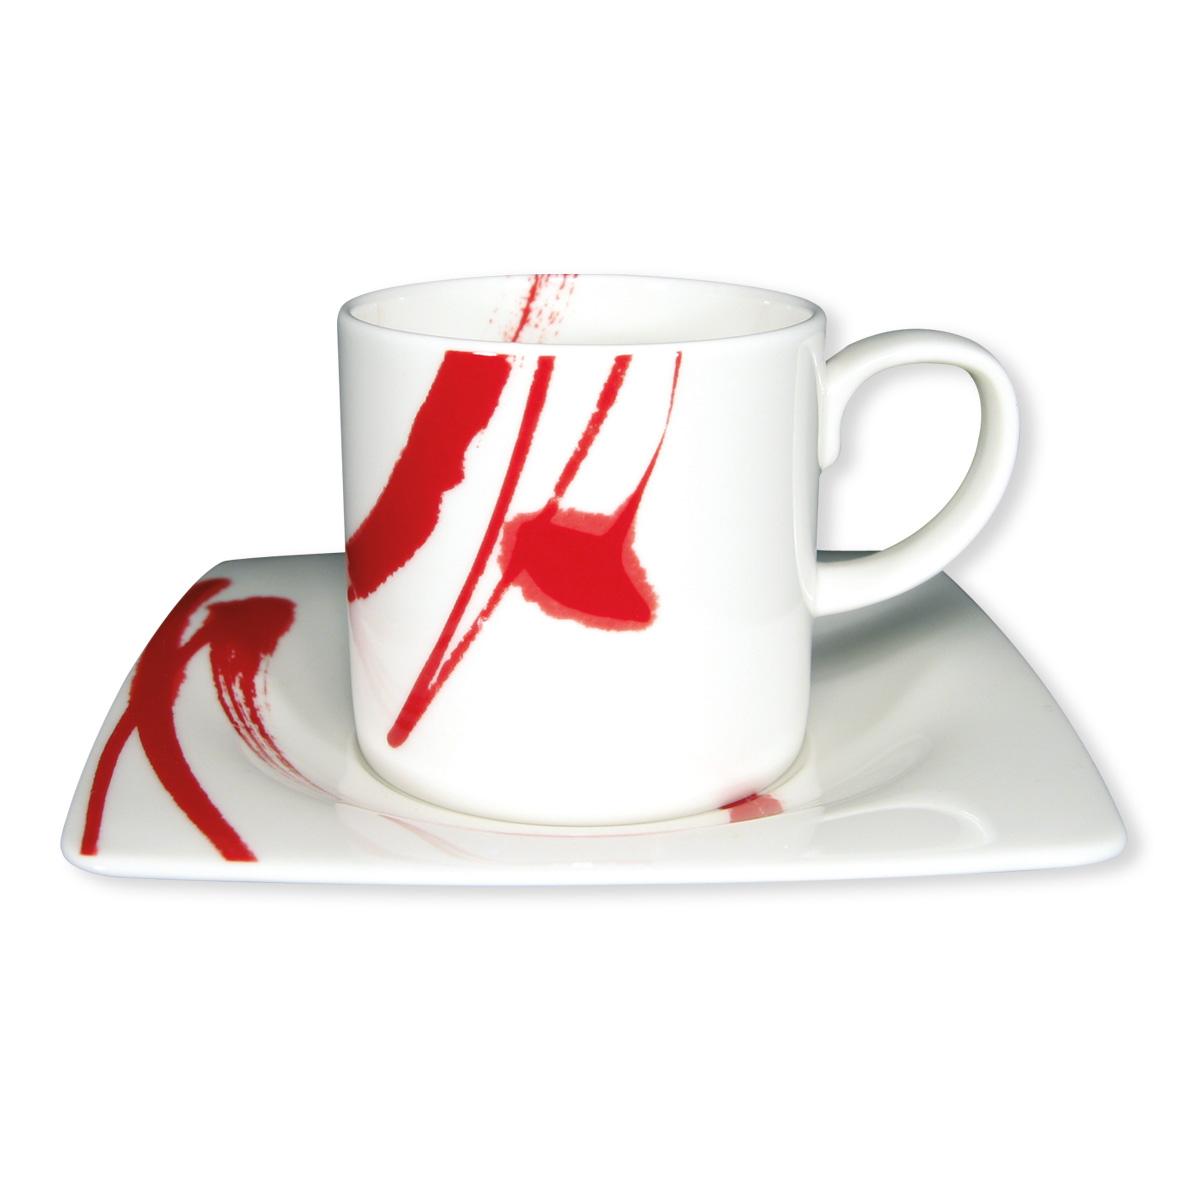 tasse caf et sous tasse carr e en porcelaine rouge. Black Bedroom Furniture Sets. Home Design Ideas